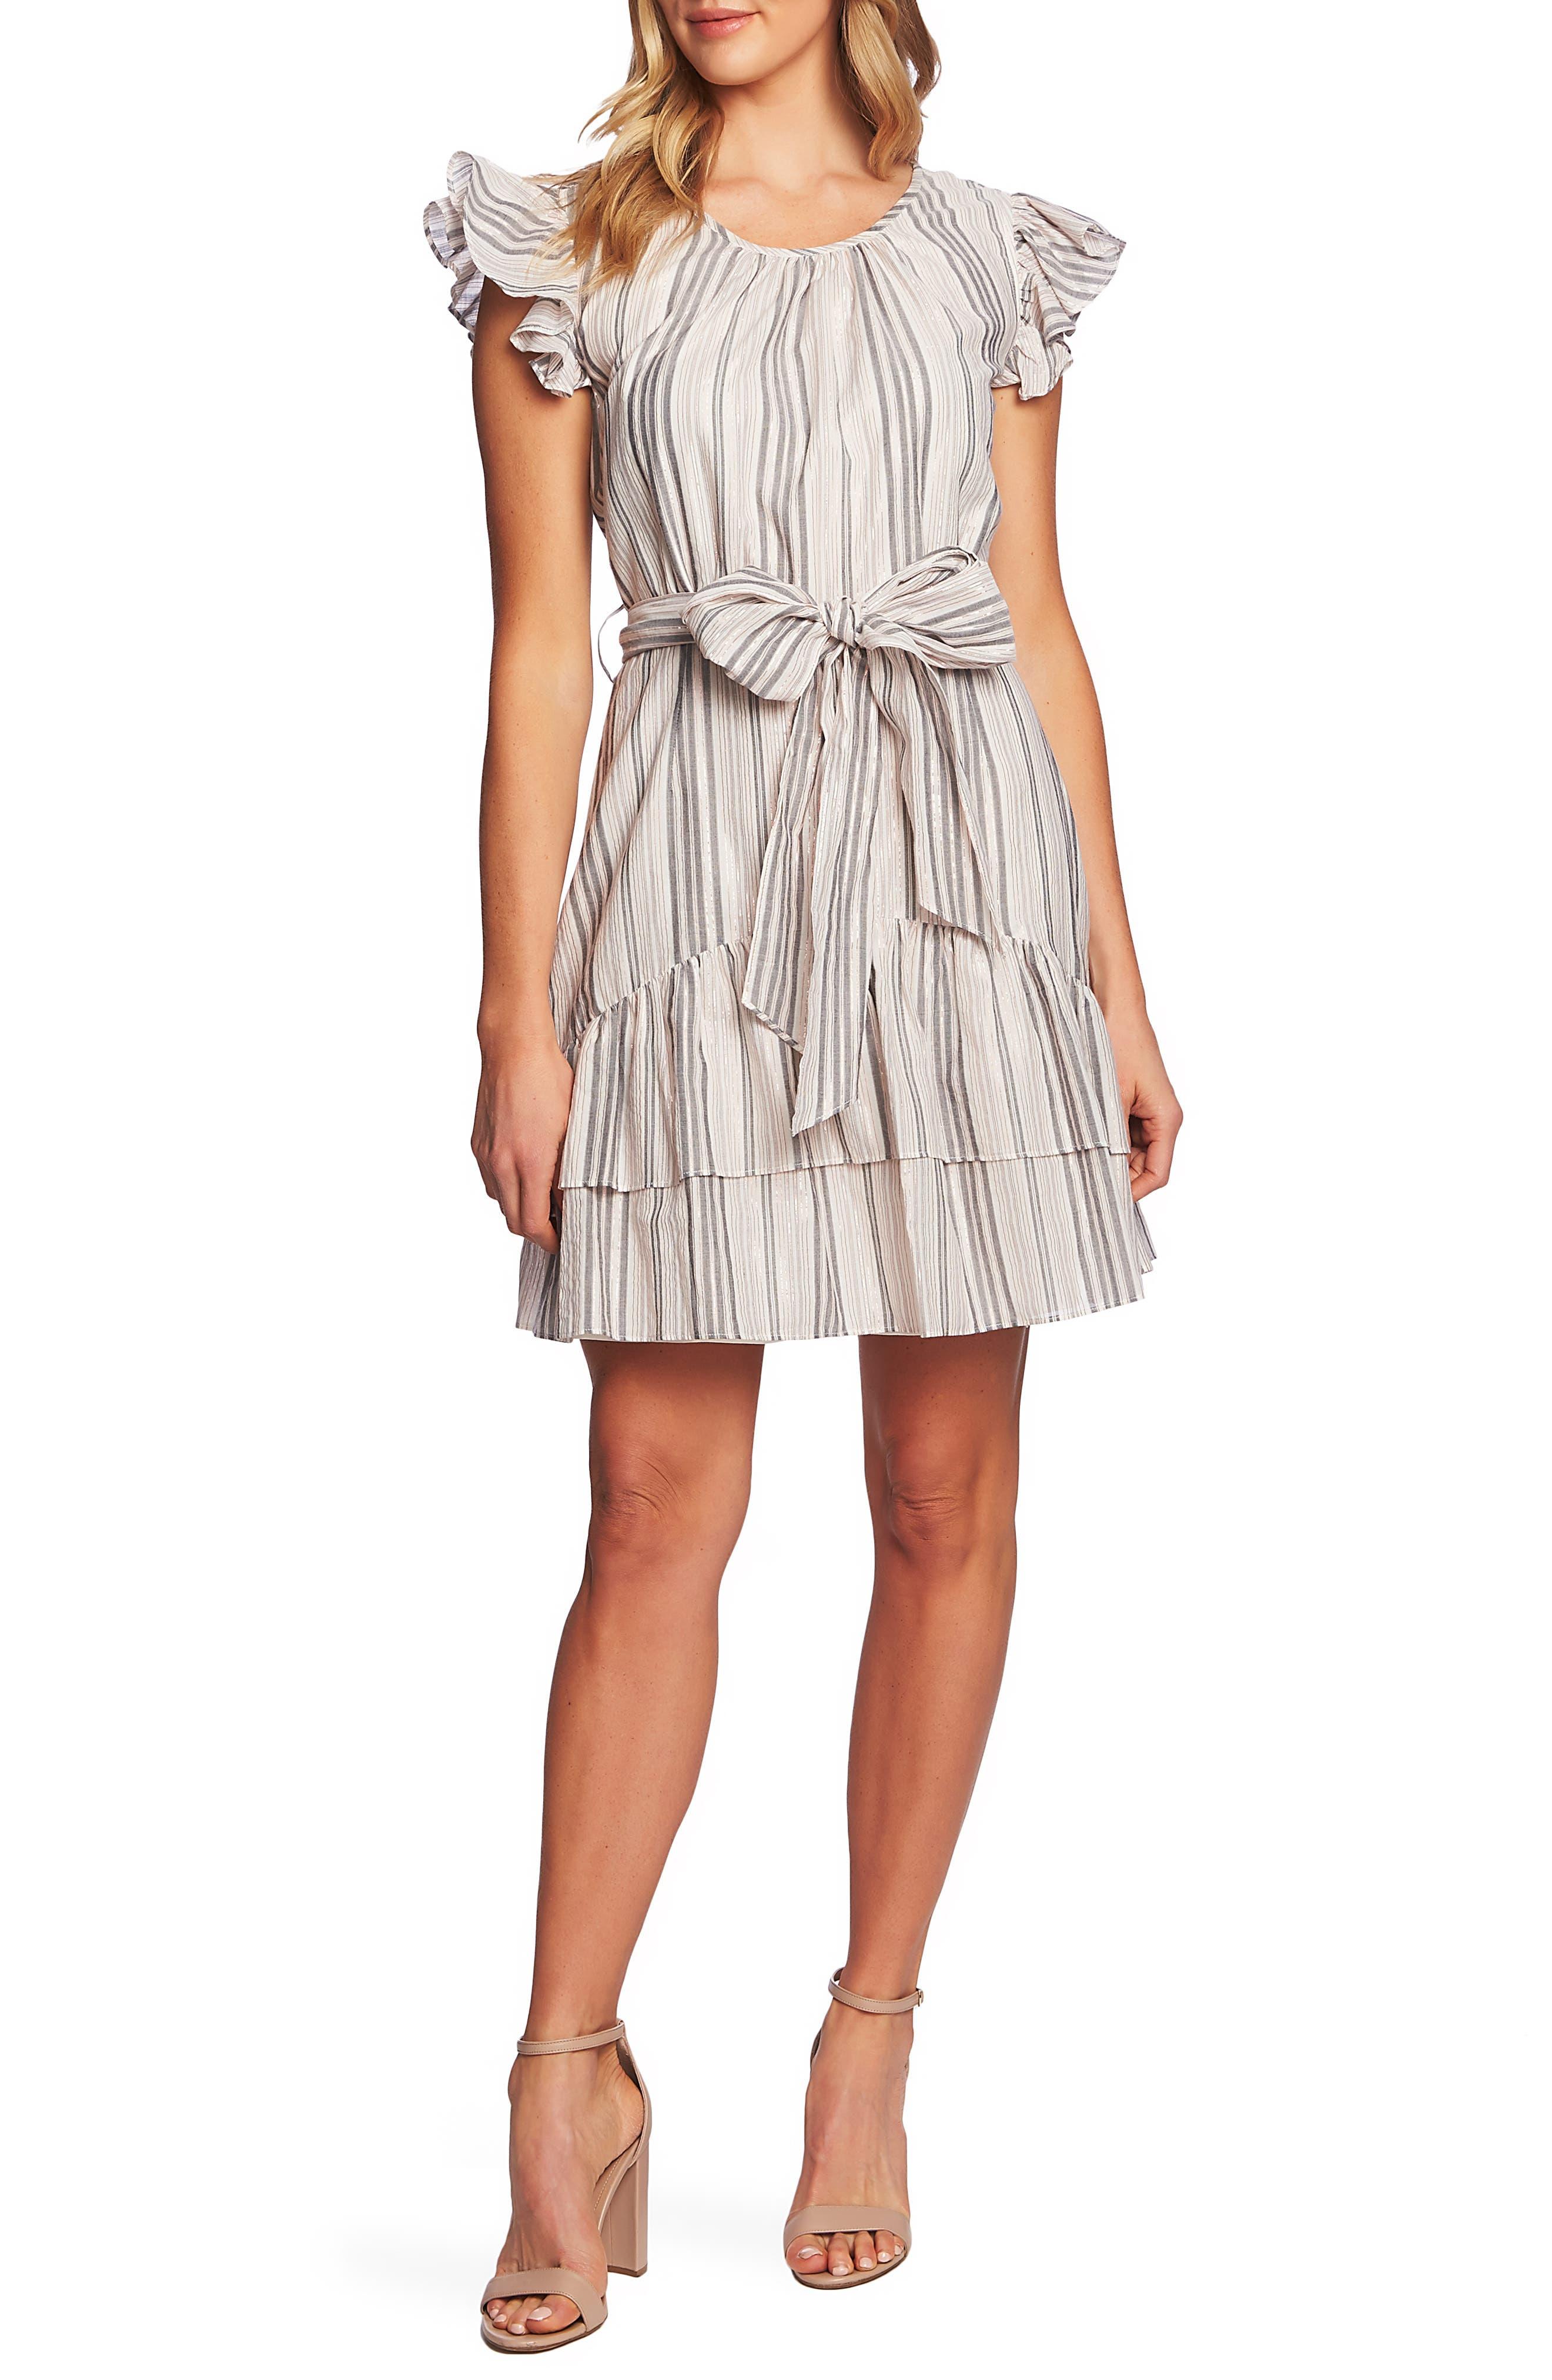 CECE, Ruffle Flutter Sleeve Dress, Main thumbnail 1, color, SOFT ECRU